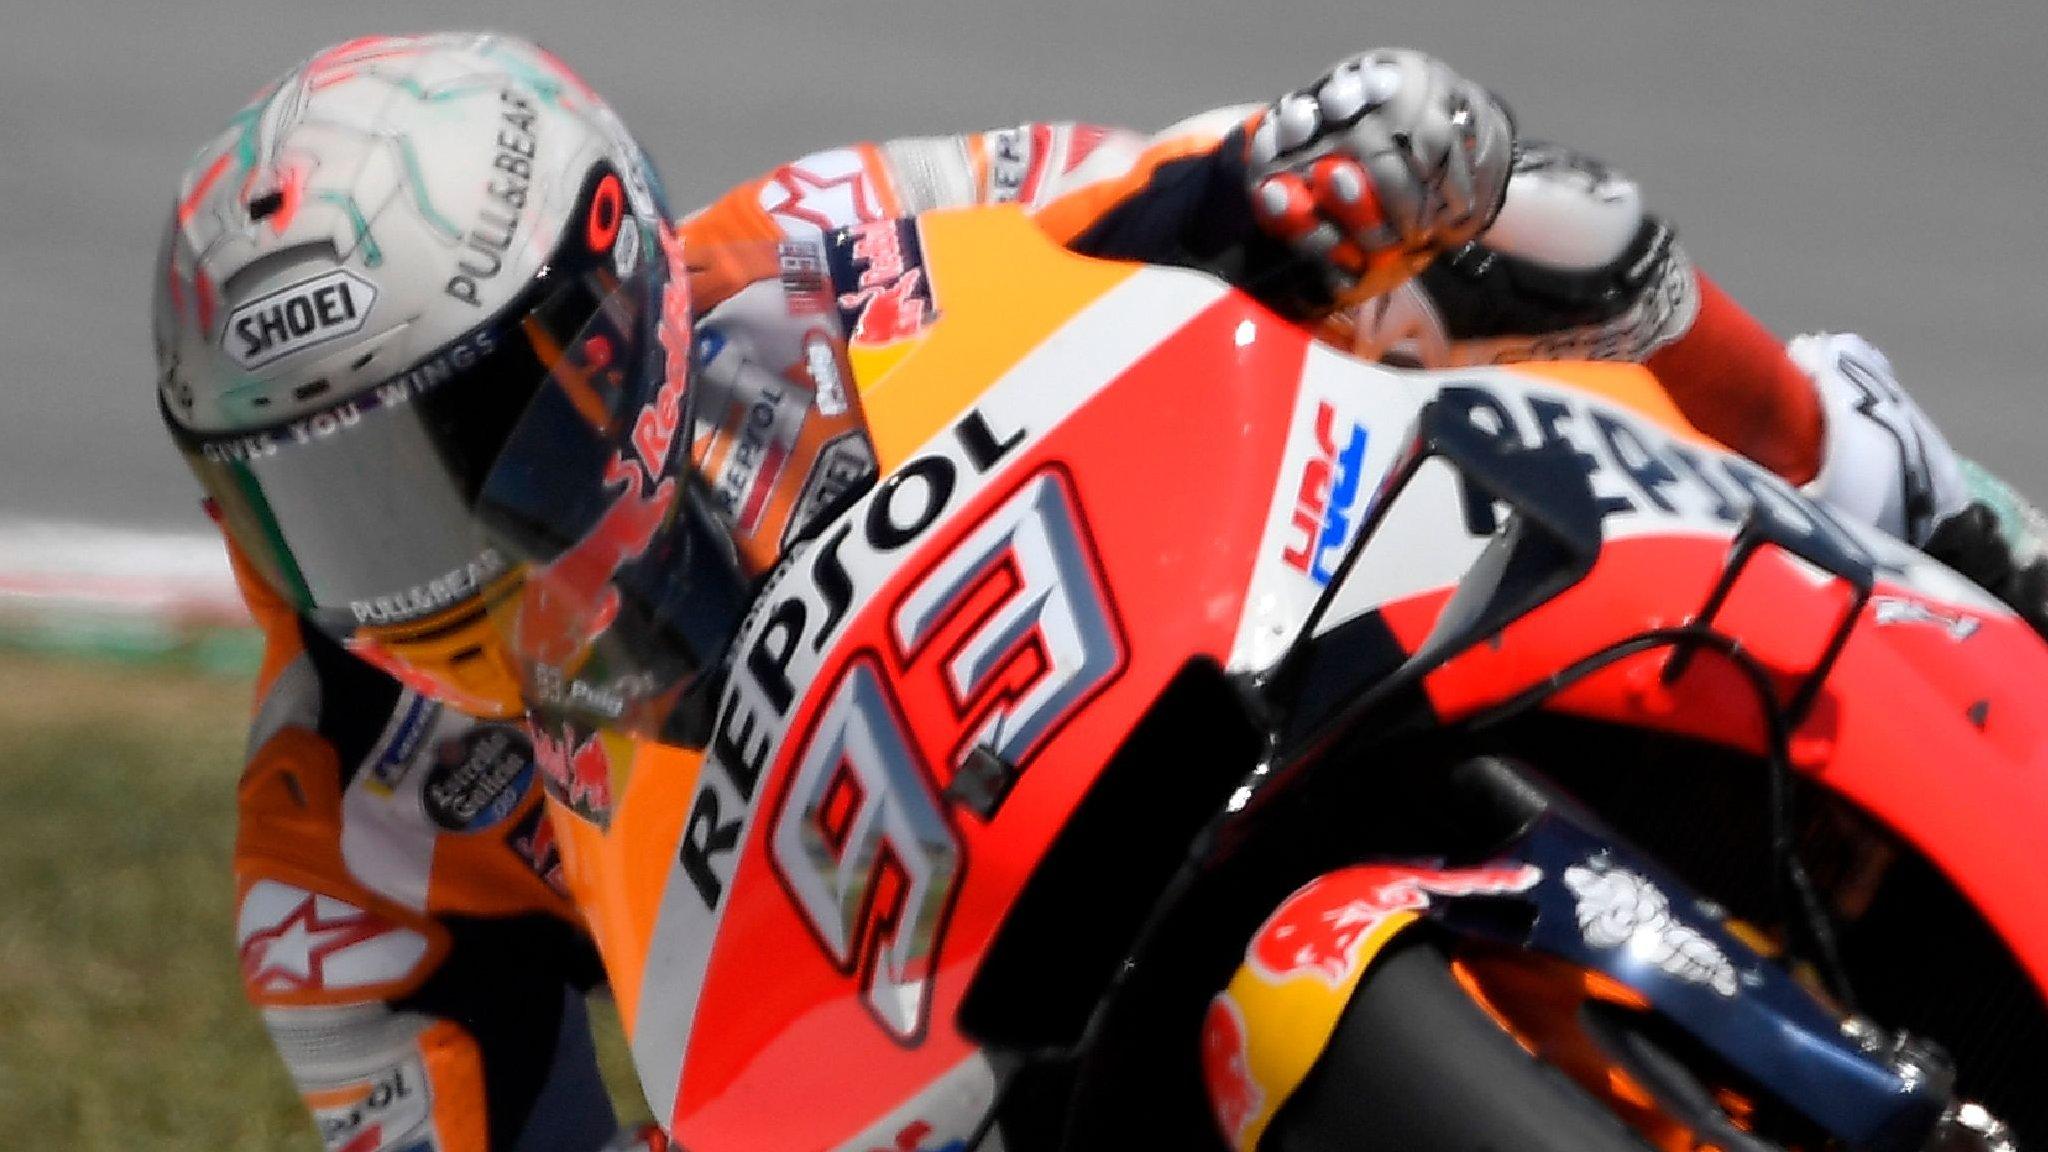 MotoGP: Marc Marquez wins Catalunya Grand Prix after rivals crash